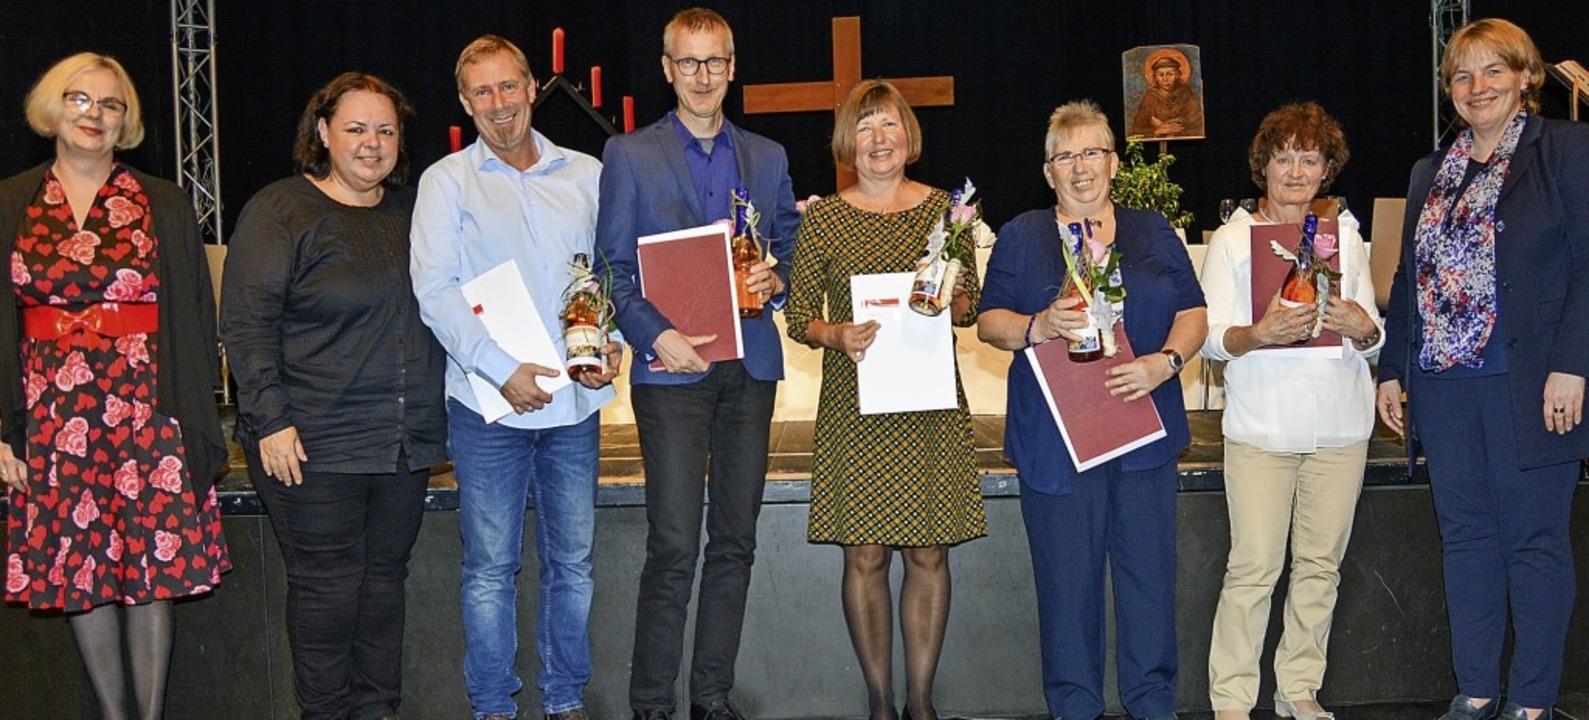 Im Rahmen einer Jubilarfeier wurden la...arbeiter des St. Josefshauses geehrt.   | Foto: Pressefoto St. Josefshaus